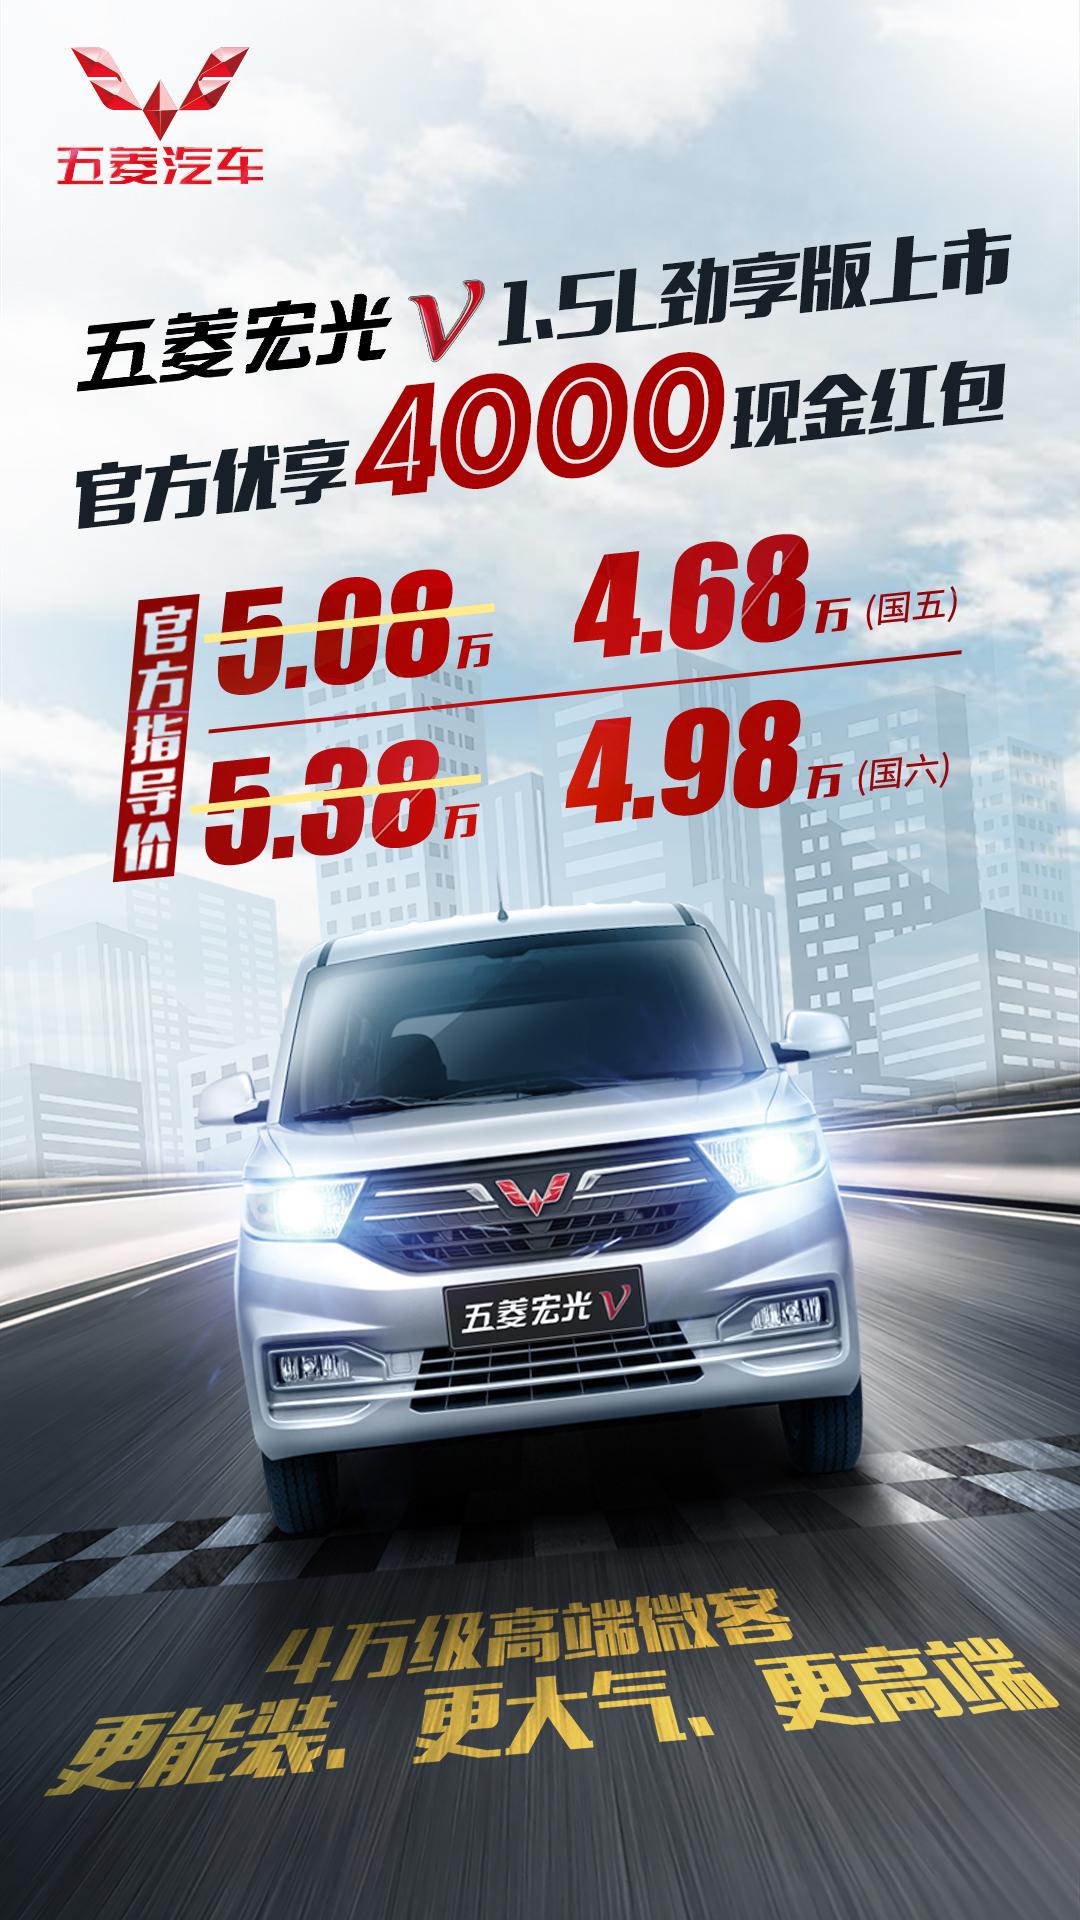 """""""中国神车""""五菱宏光V 1.5L劲享版上市,售4.68万元!"""